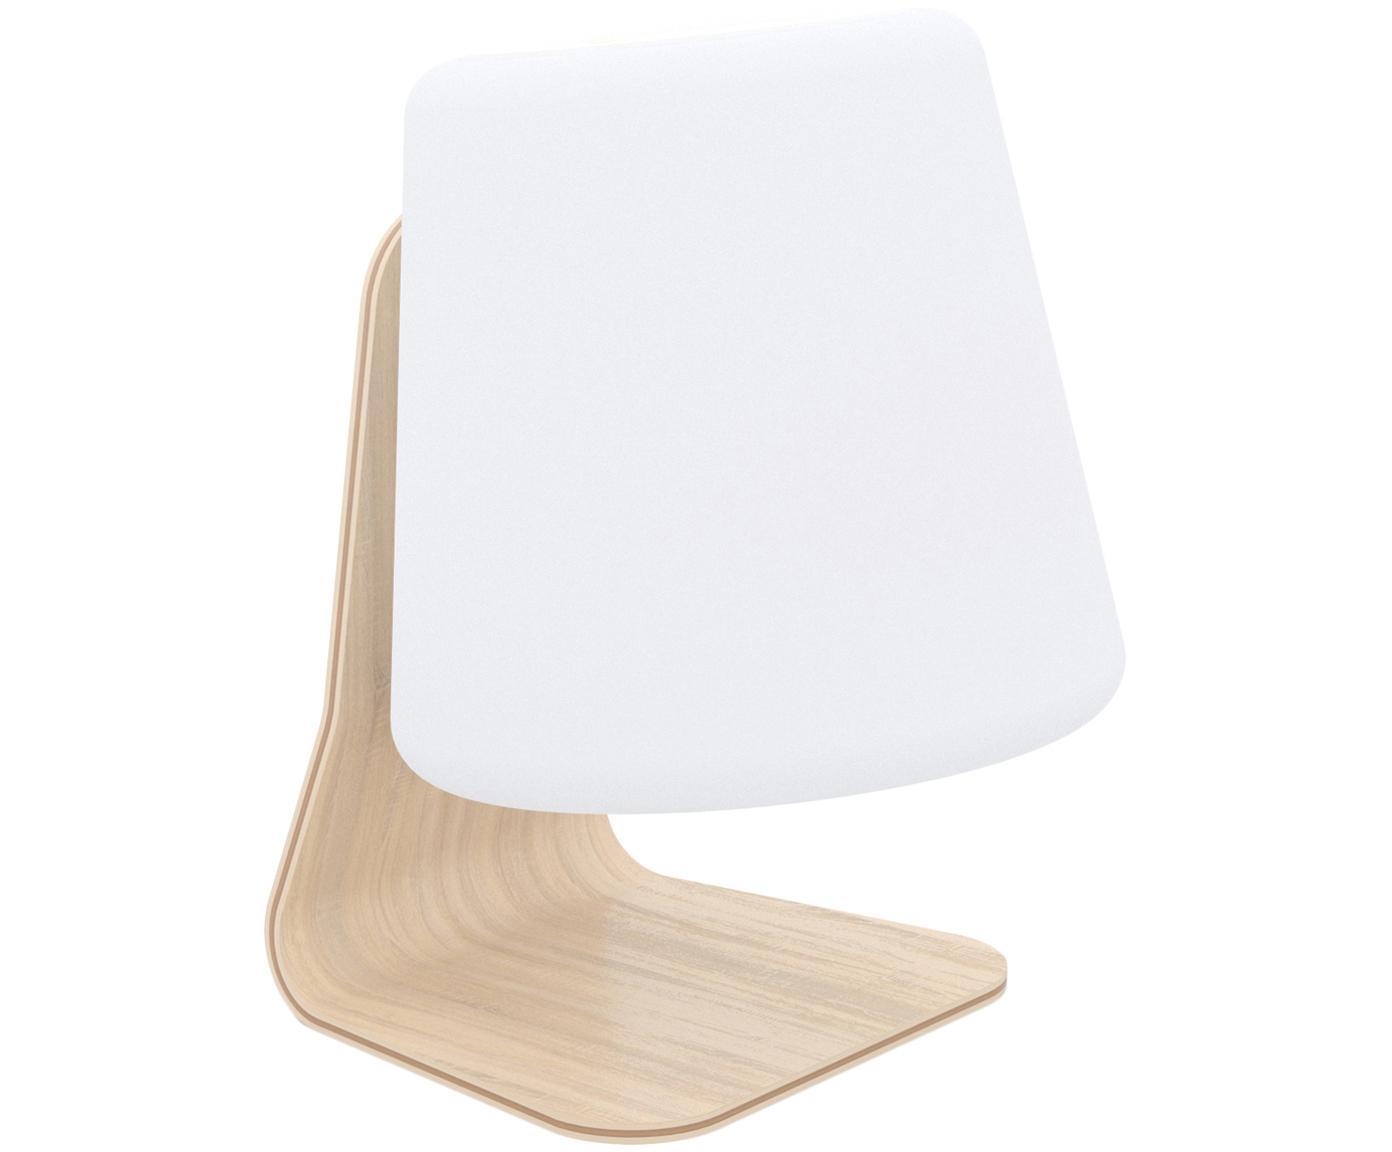 Mobiele outdoor LED lamp met luidspreker Table, Lampenkap: kunststof, Lampvoet: iepenhout met berkenhoutf, Wit, lichtbruin, 22 x 29 cm